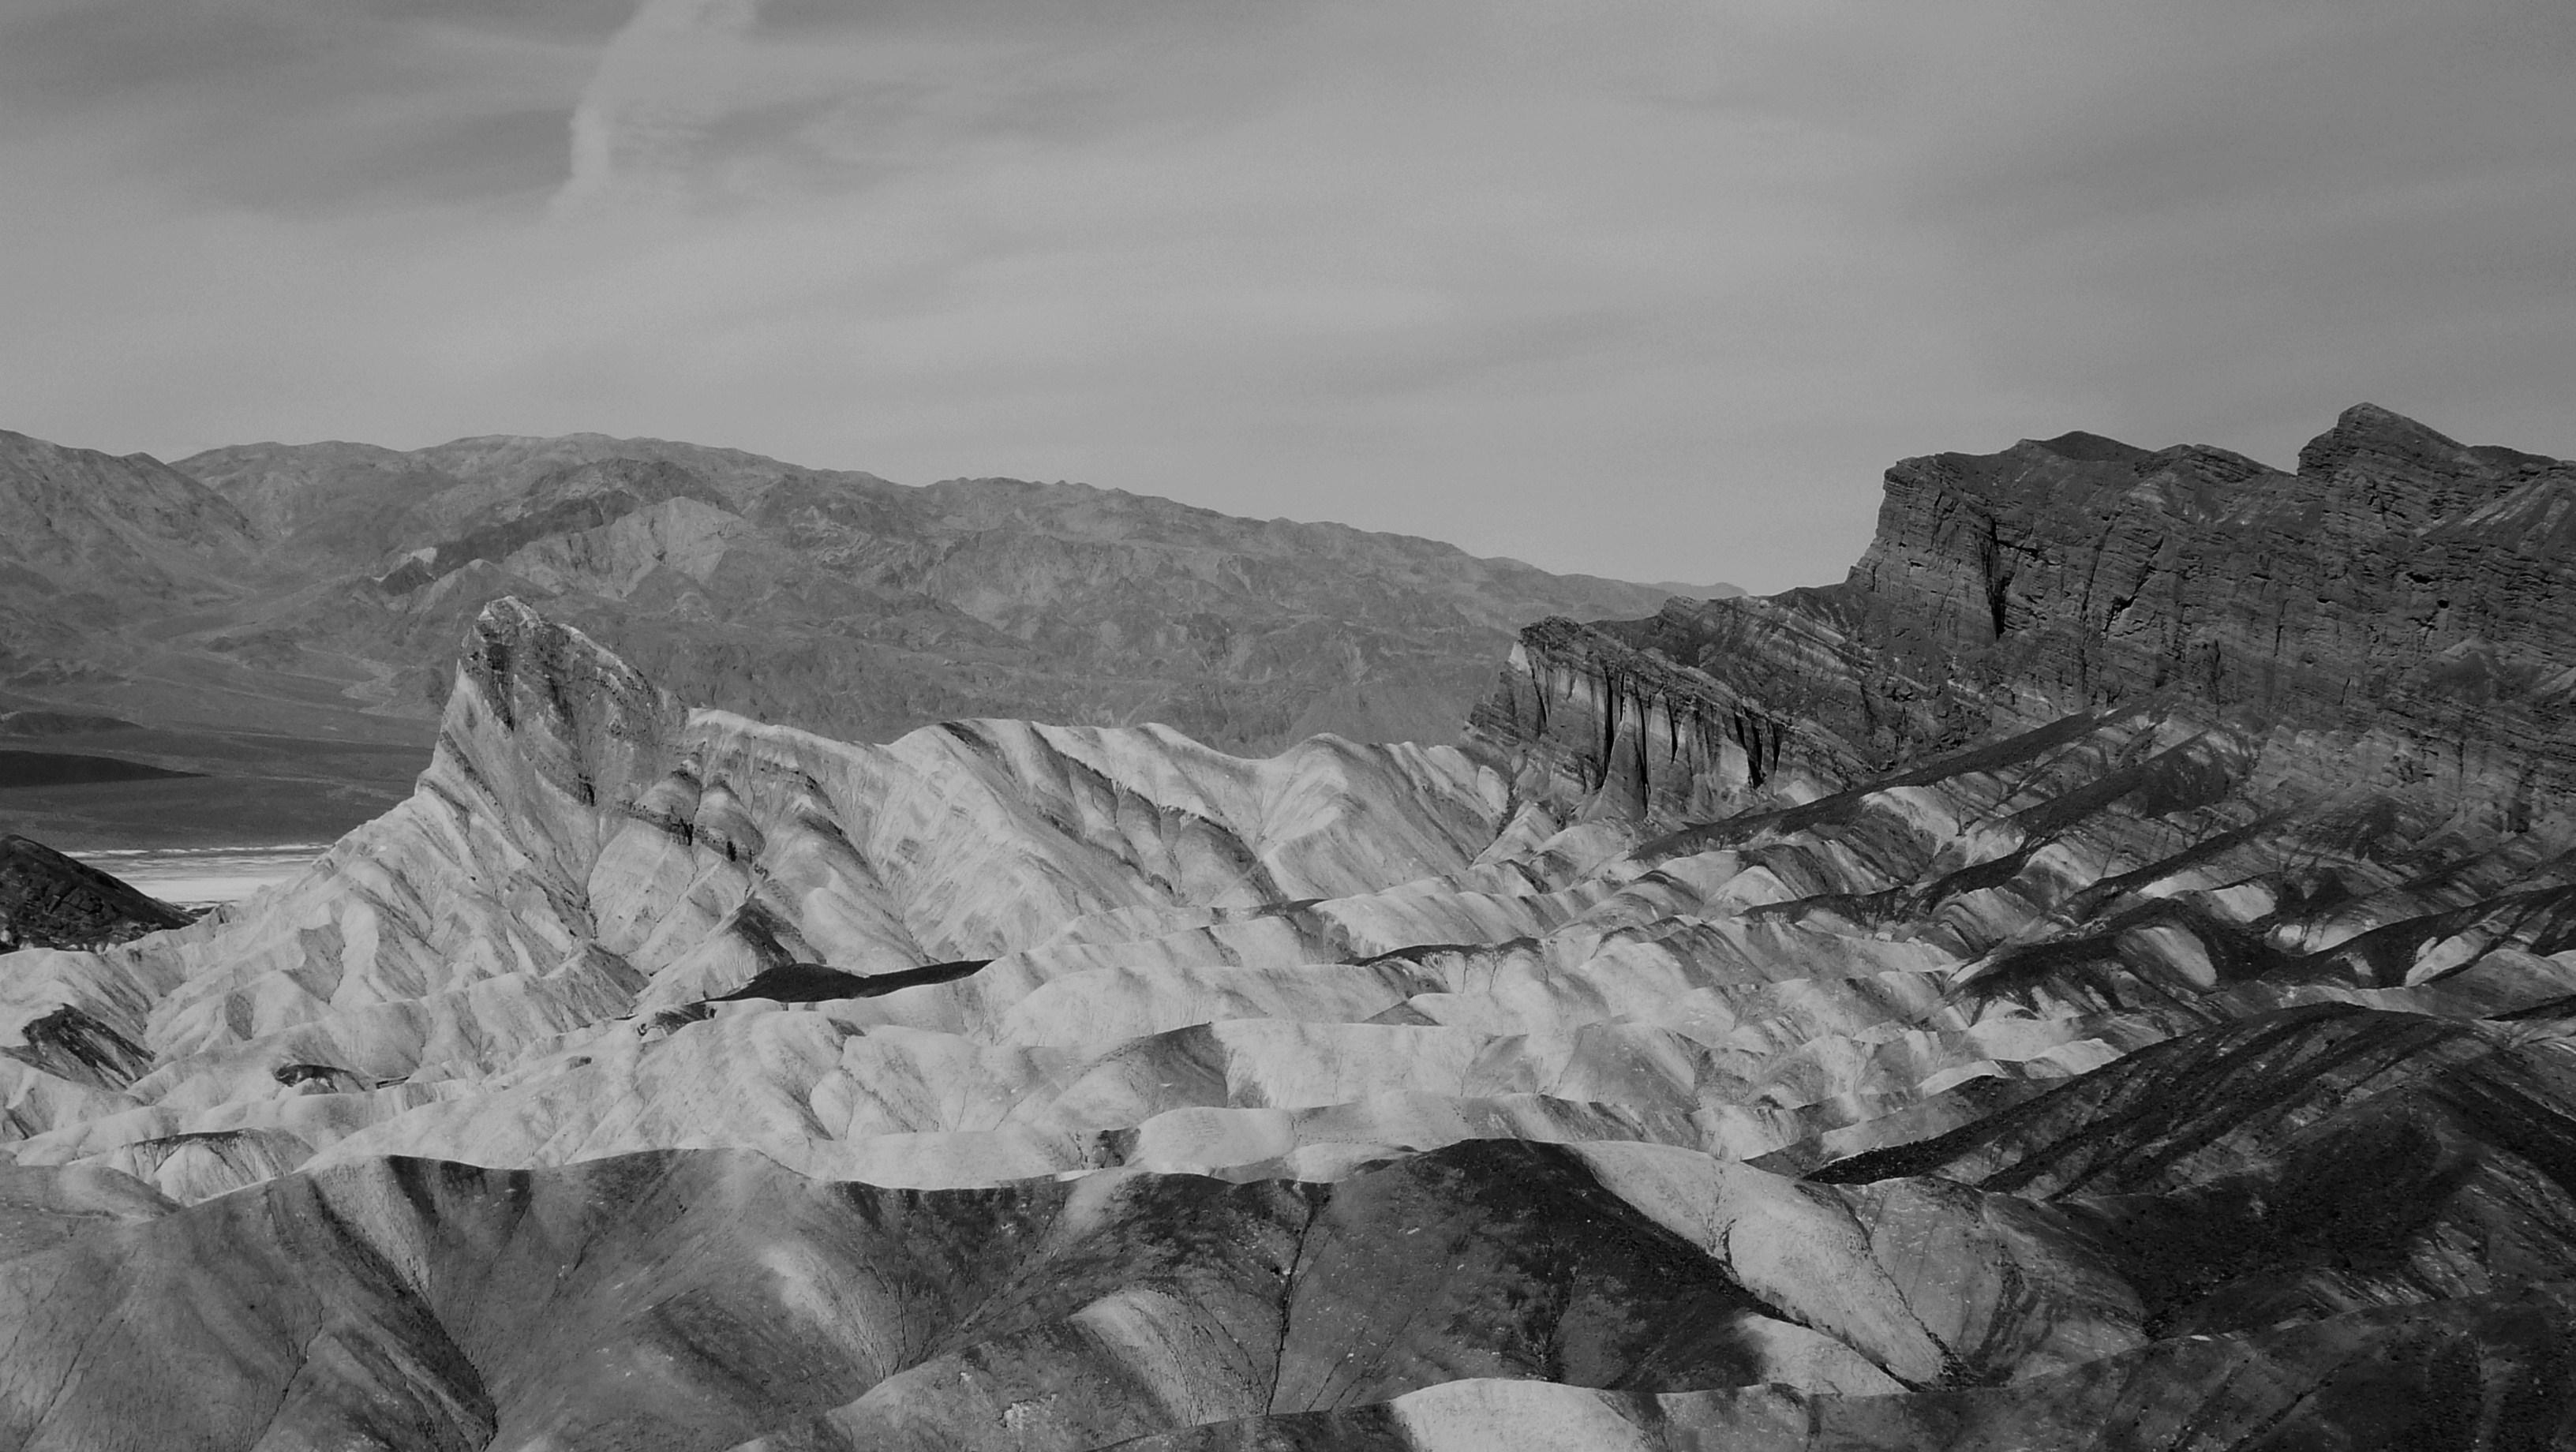 Zabriskie Point - Death Valley (California)